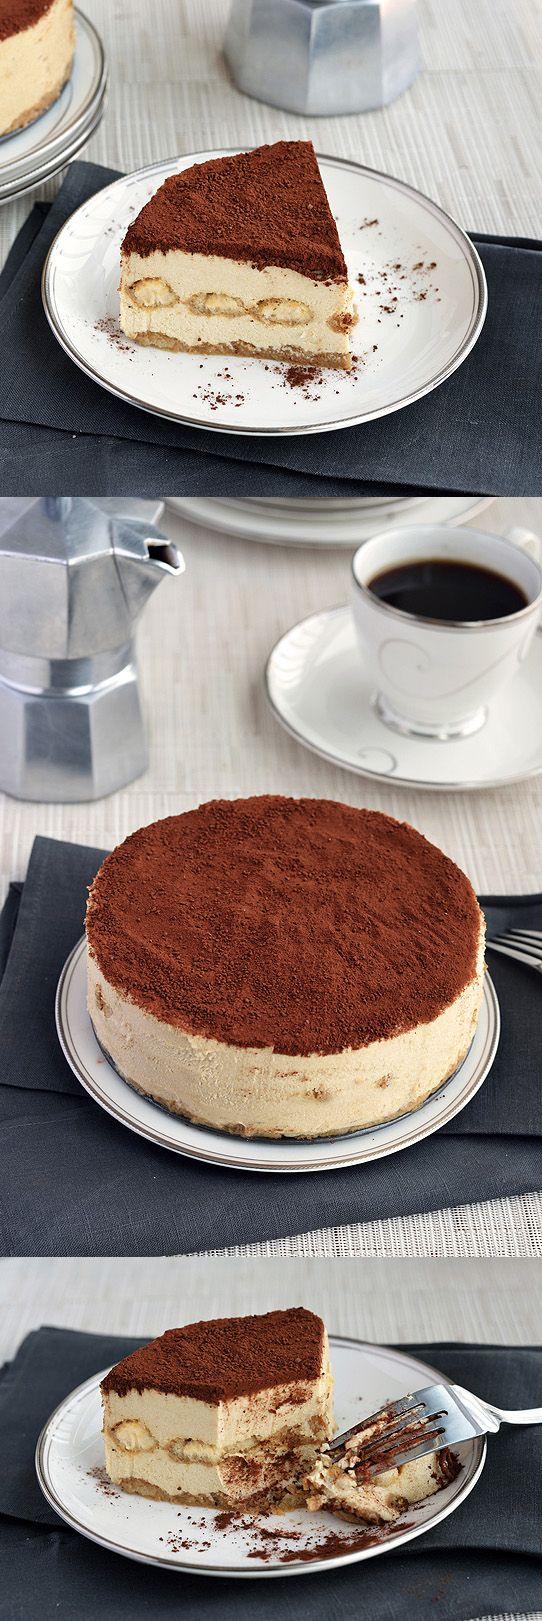 tiramisu-cheesecake-sin-paleo-reposteria